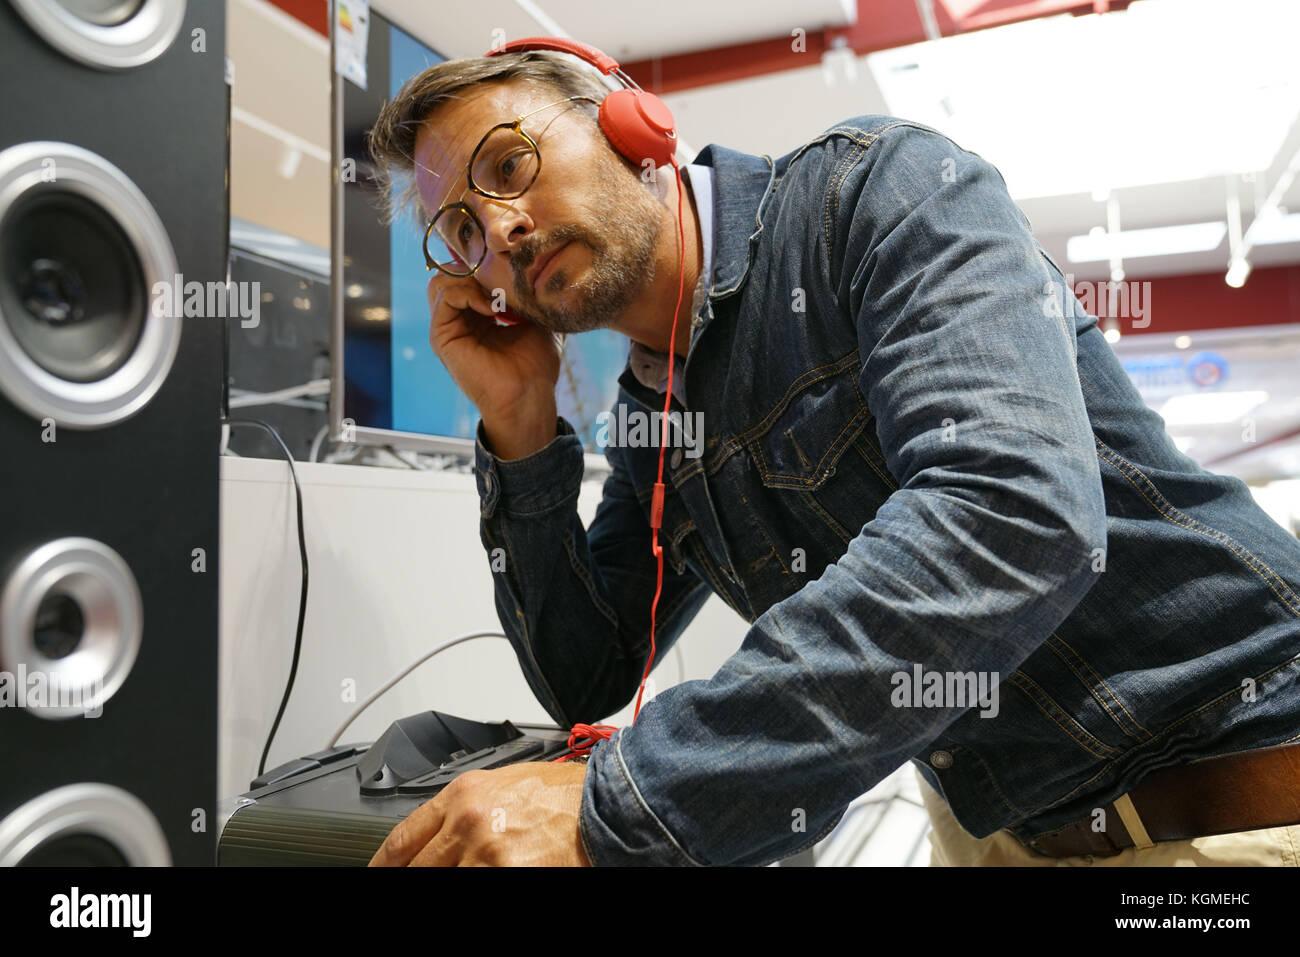 Hombre en pruebas tienda multimedia música con auriculares Imagen De Stock